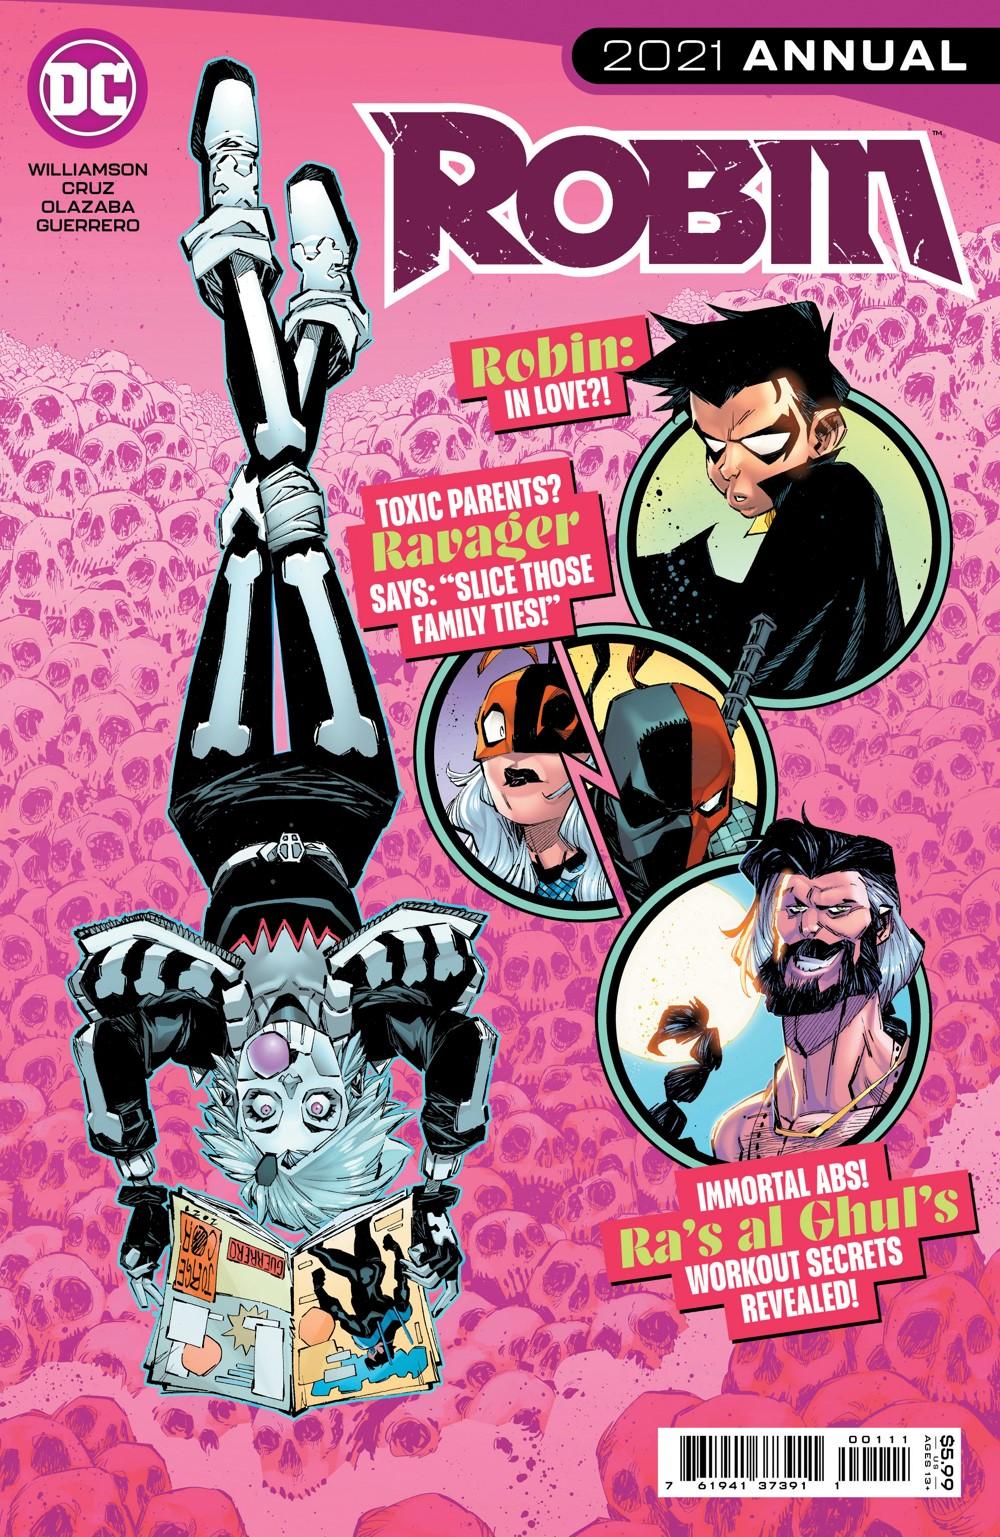 ROBIN-2021-ANN-Cv1 DC Comics November 2021 Solicitations